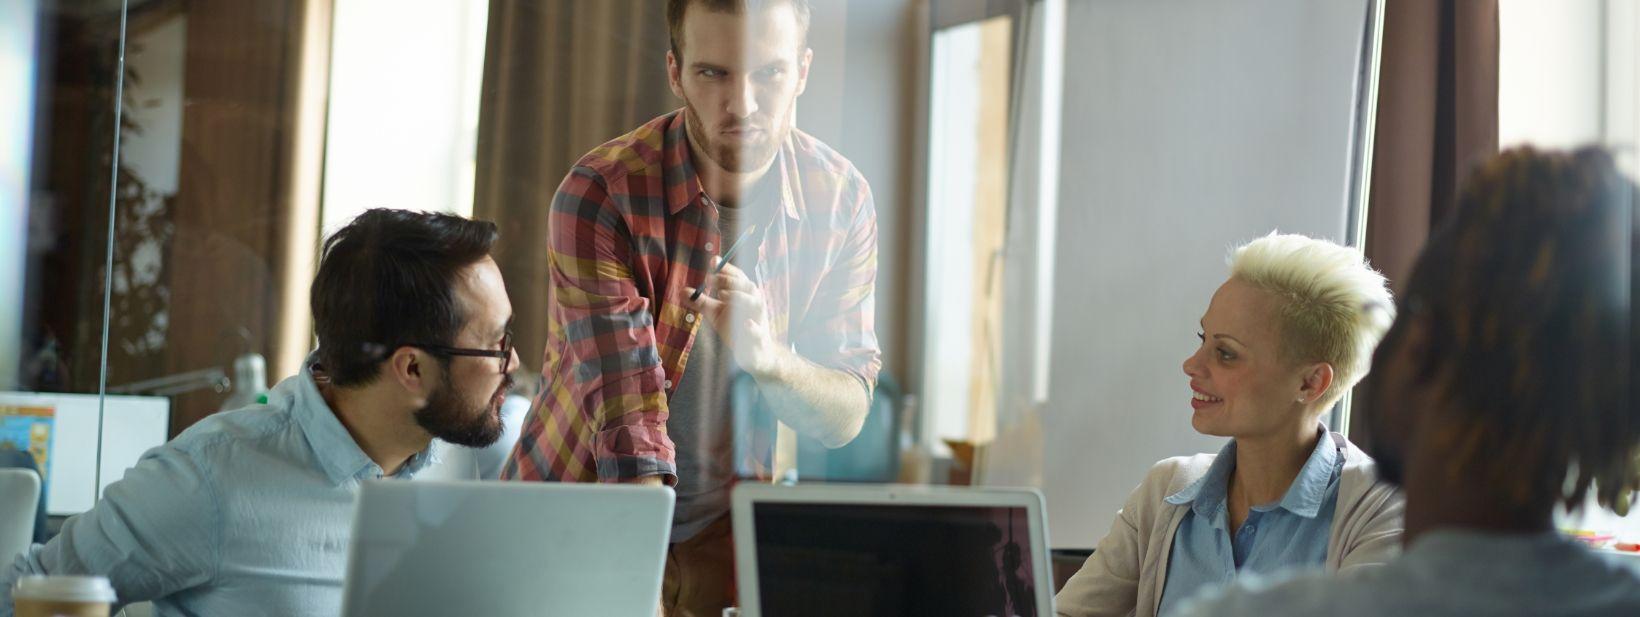 discussing-sales-FW5DTVU (1).jpg